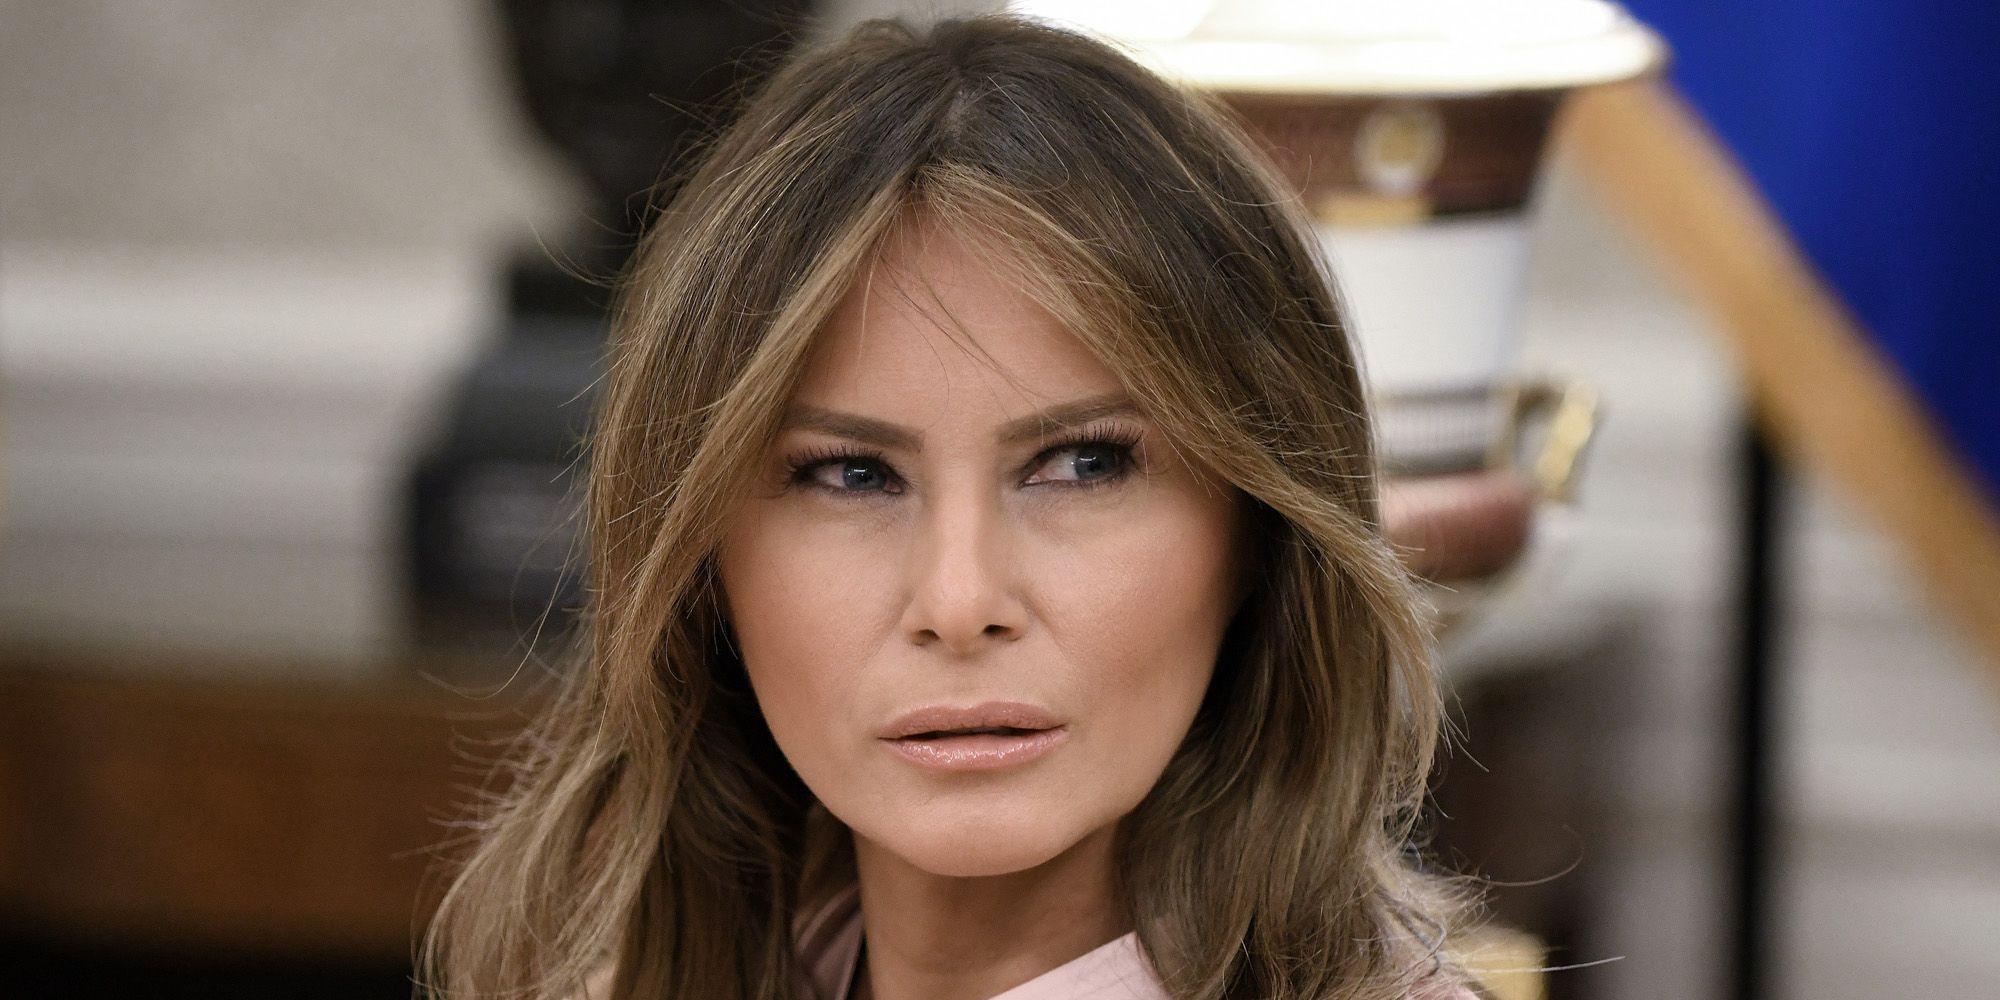 Melania Trump pulls een Jackie Kennedy na haar jas-schandaal